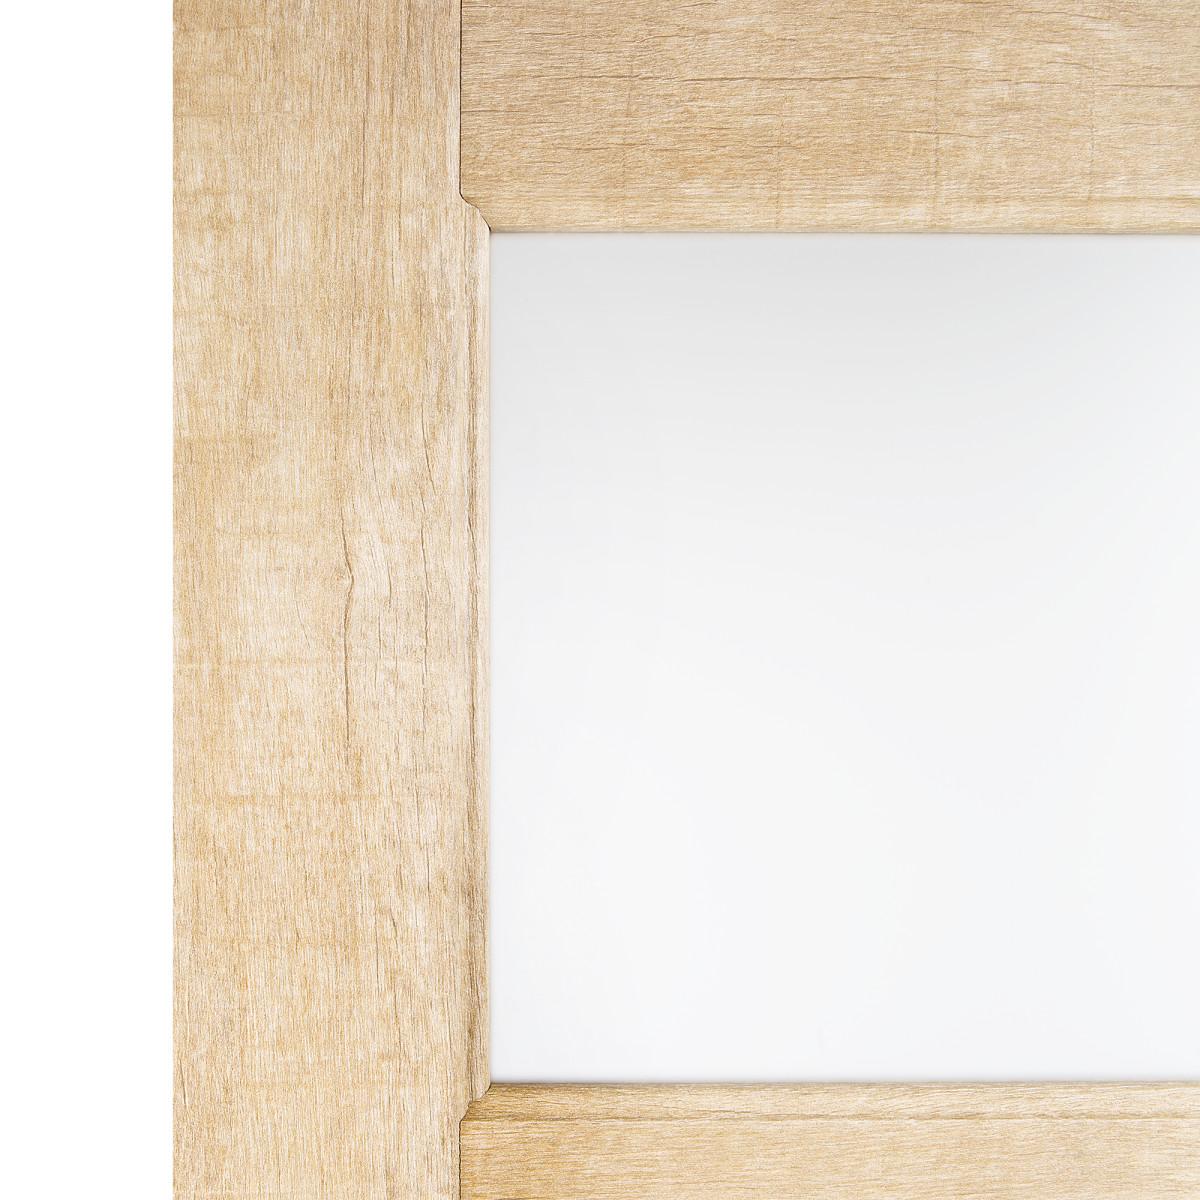 Дверь Межкомнатная Остеклённая Антико 80x200 Цвет Винтажный Дуб